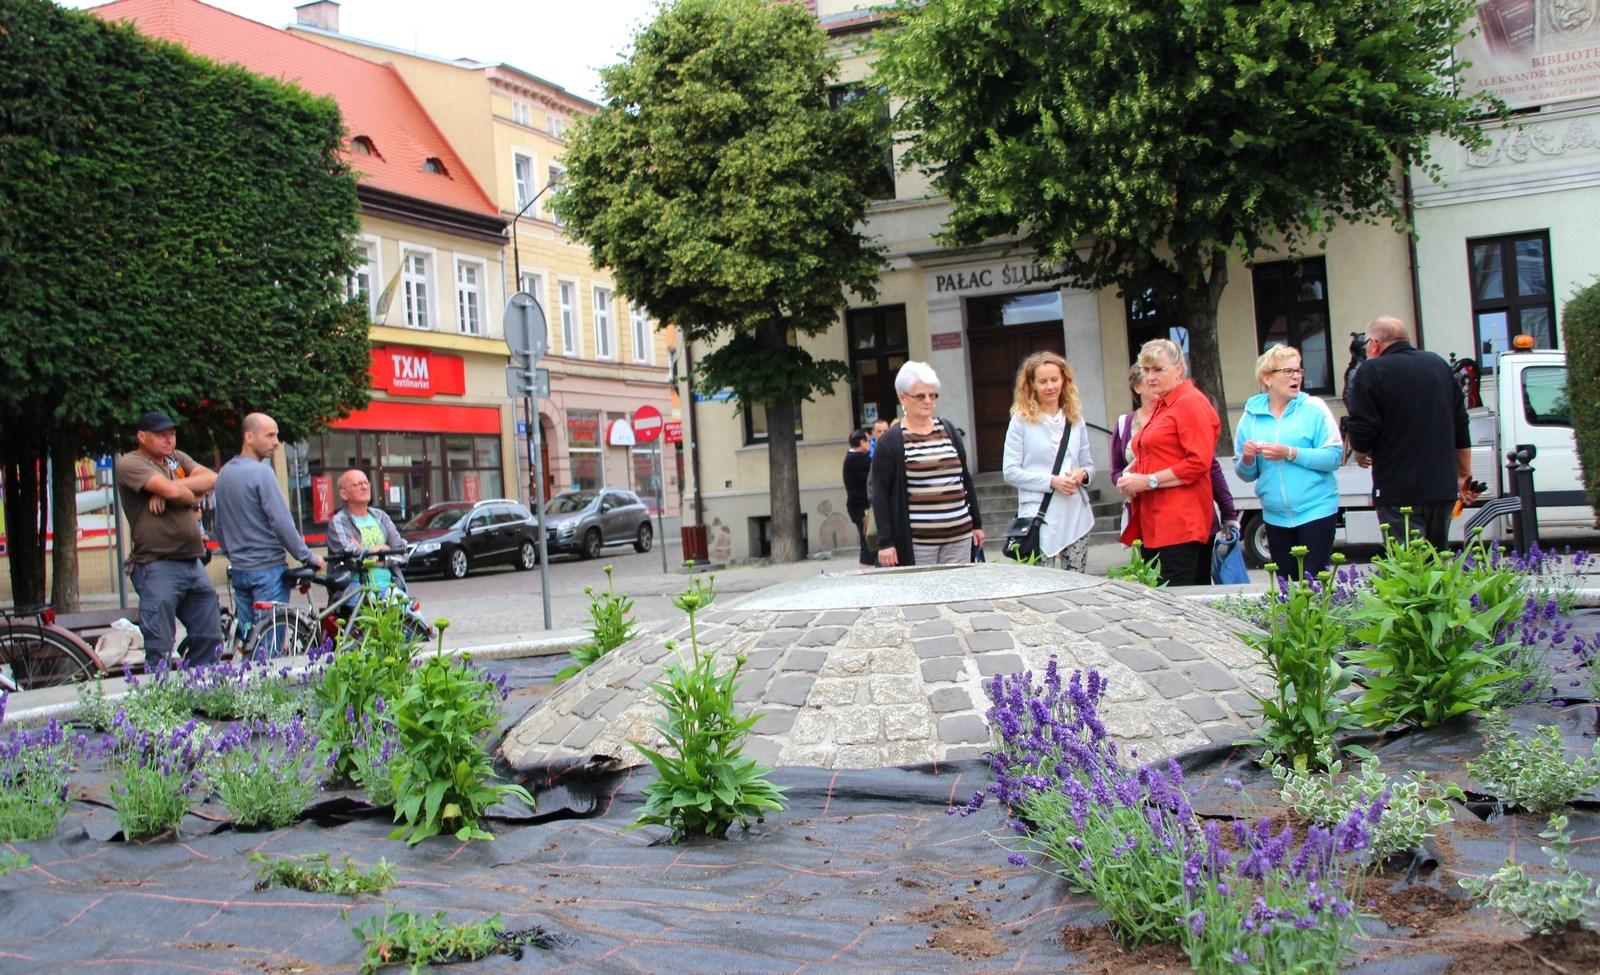 Kwietna fontanna, Miasto Białogard